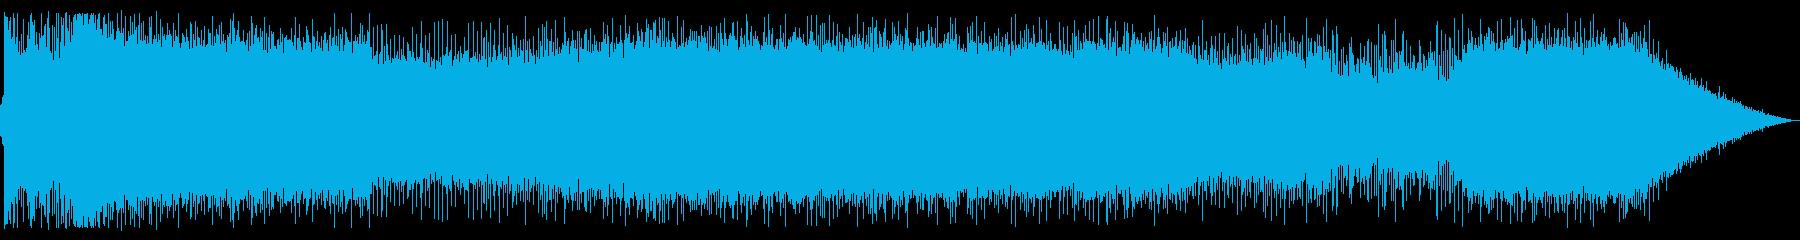 ストリングスとシンセとピアノの壮大バトルの再生済みの波形